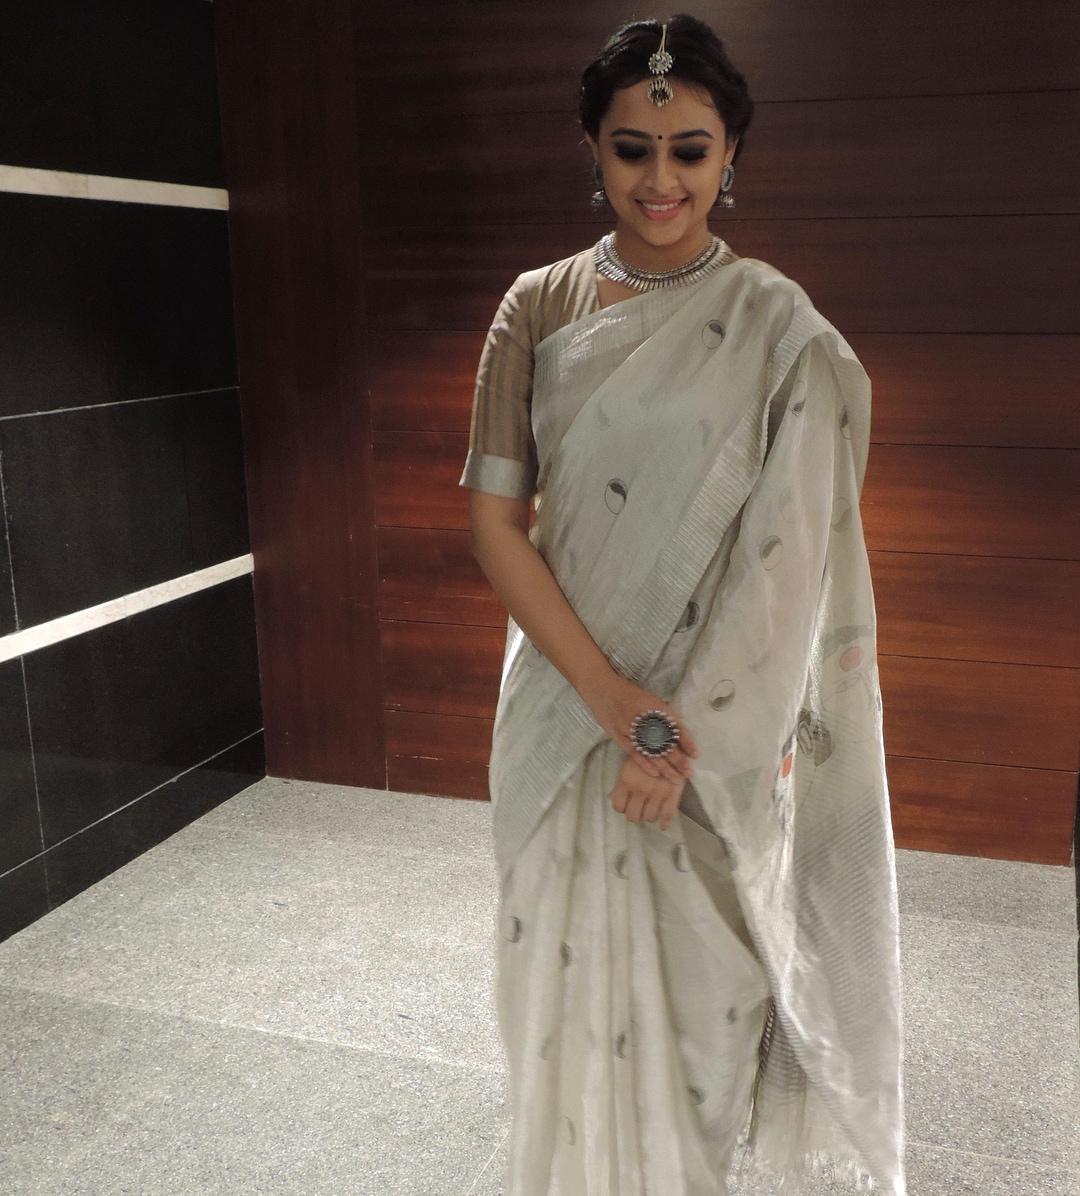 நடிகை ஸ்ரீ திவ்யா (image: Instagram)